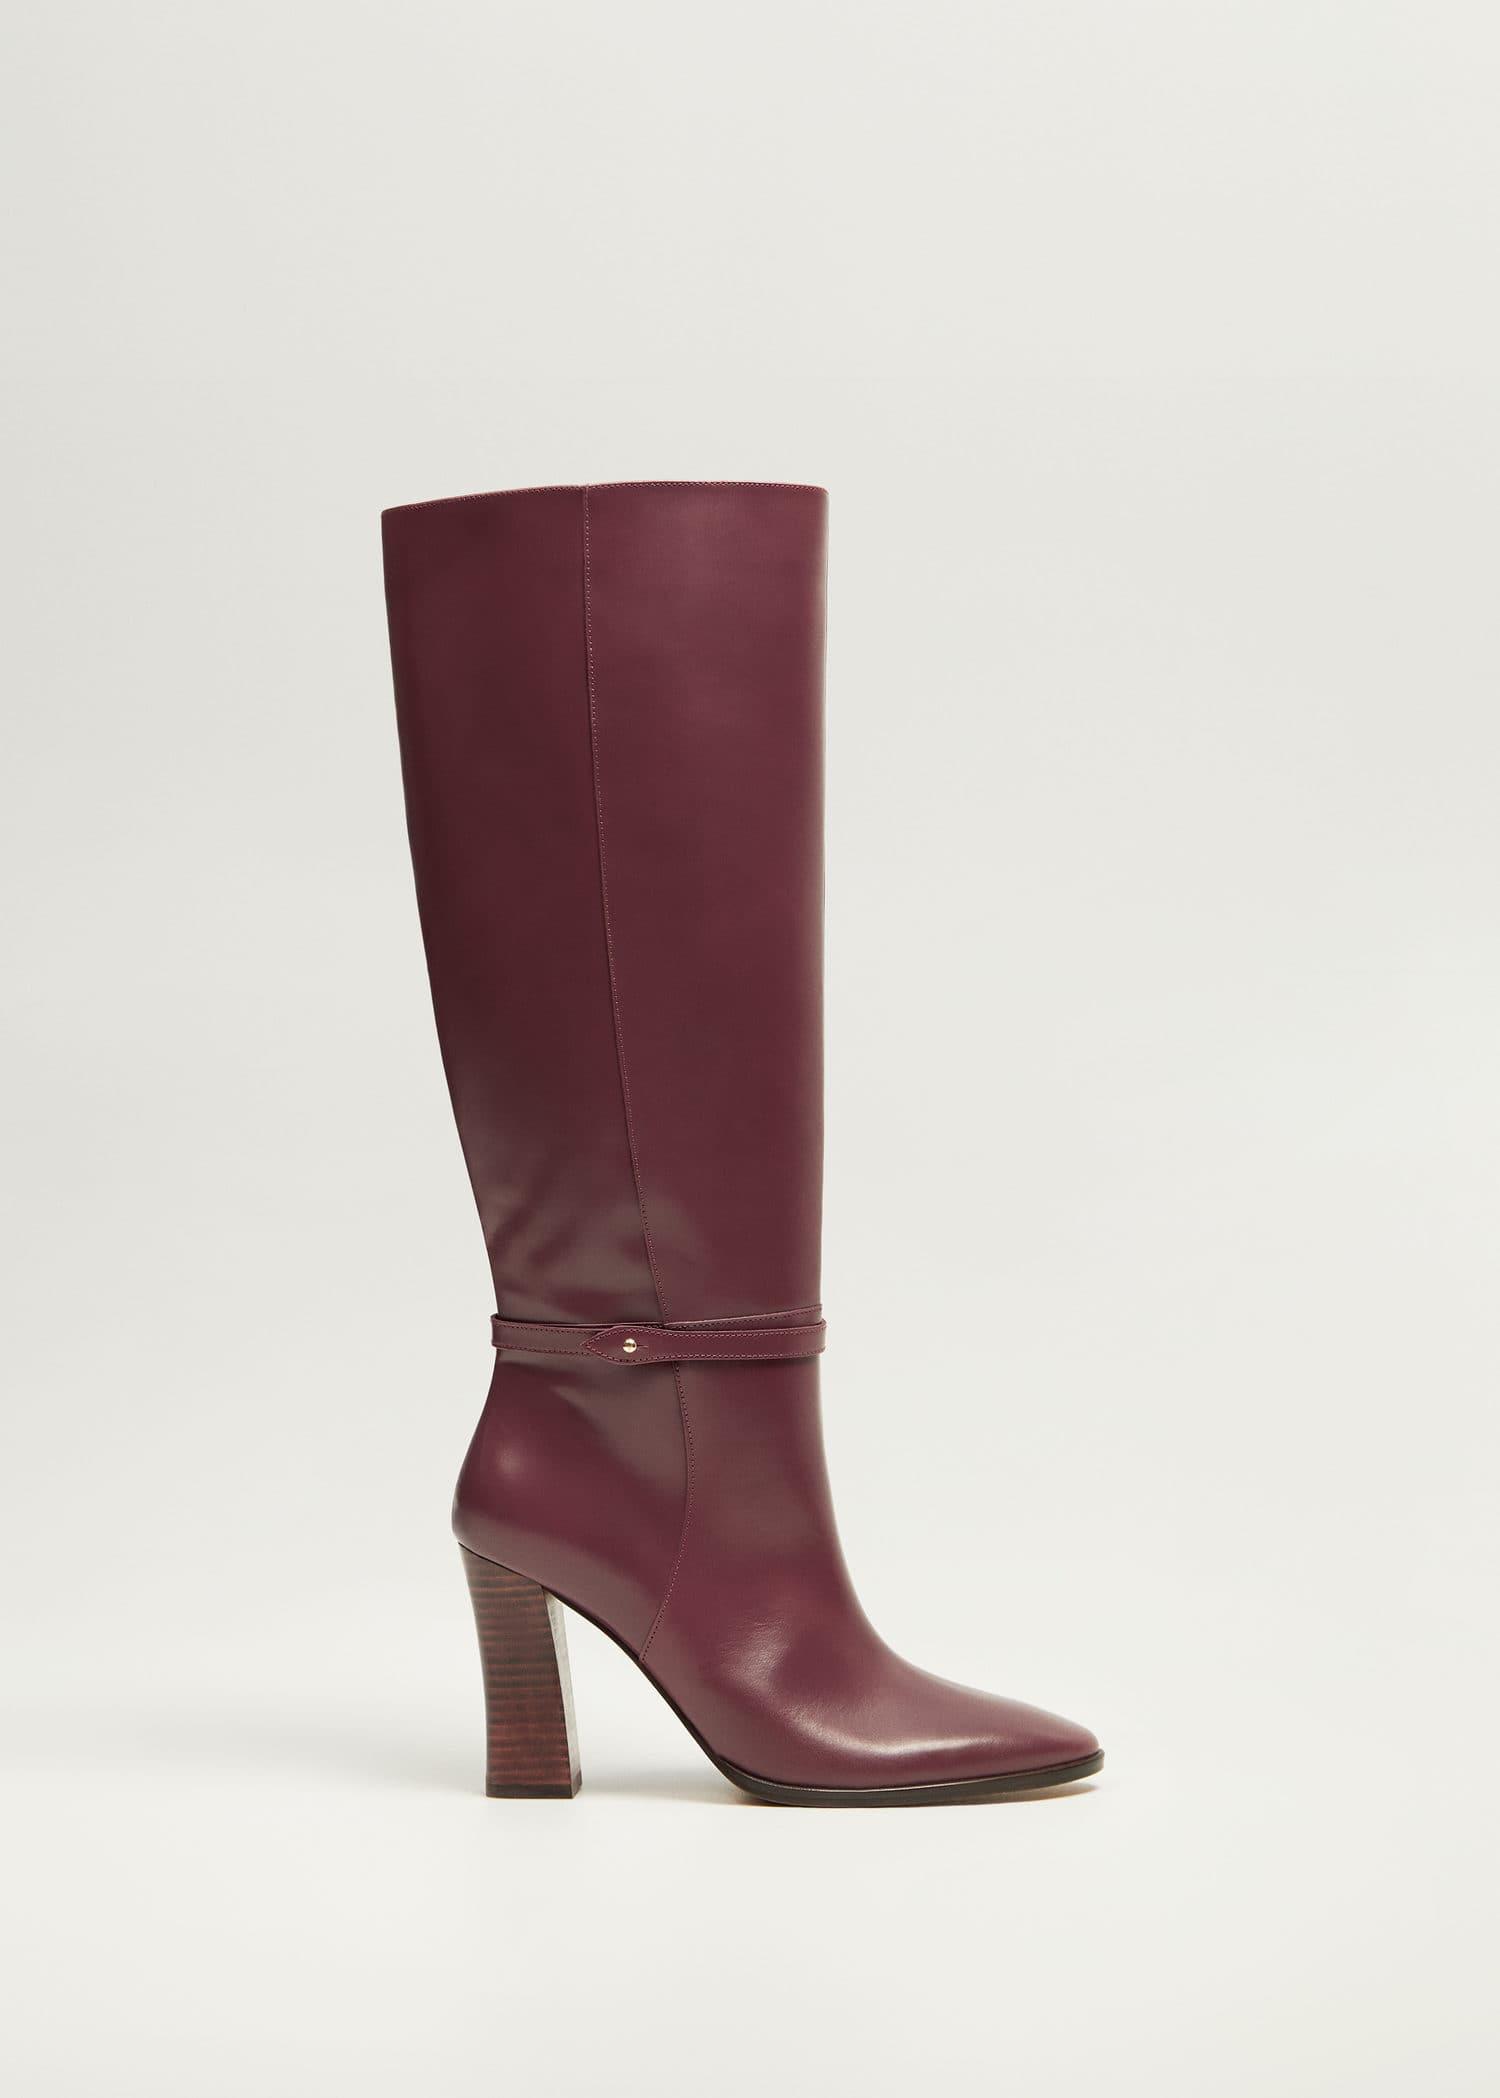 new product 68317 520f4 Schuhe für Damen 2019 | Mango Deutschland